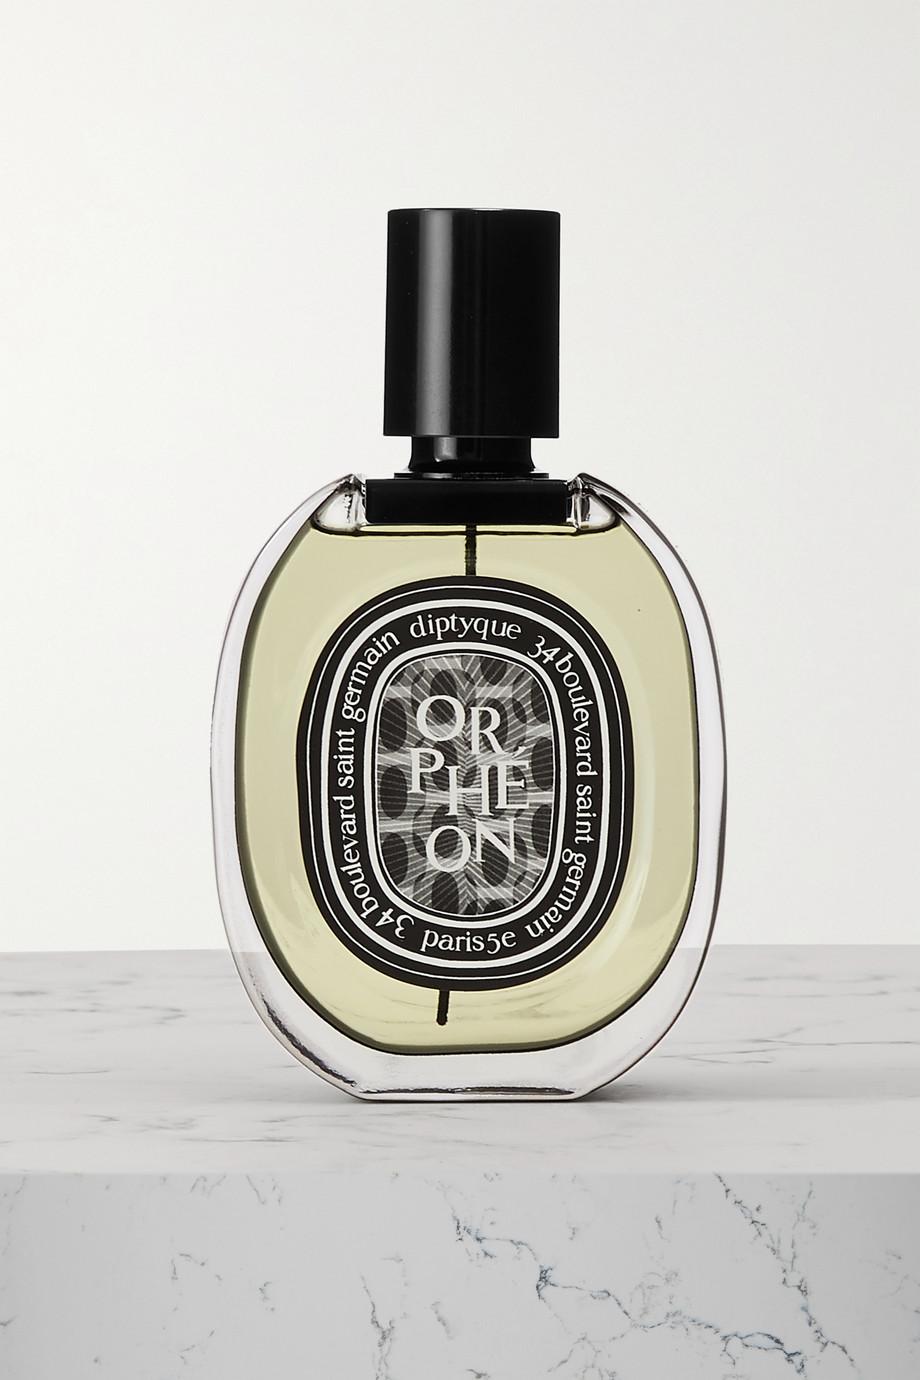 Diptyque Eau de Parfum - Orphéon, 75ml